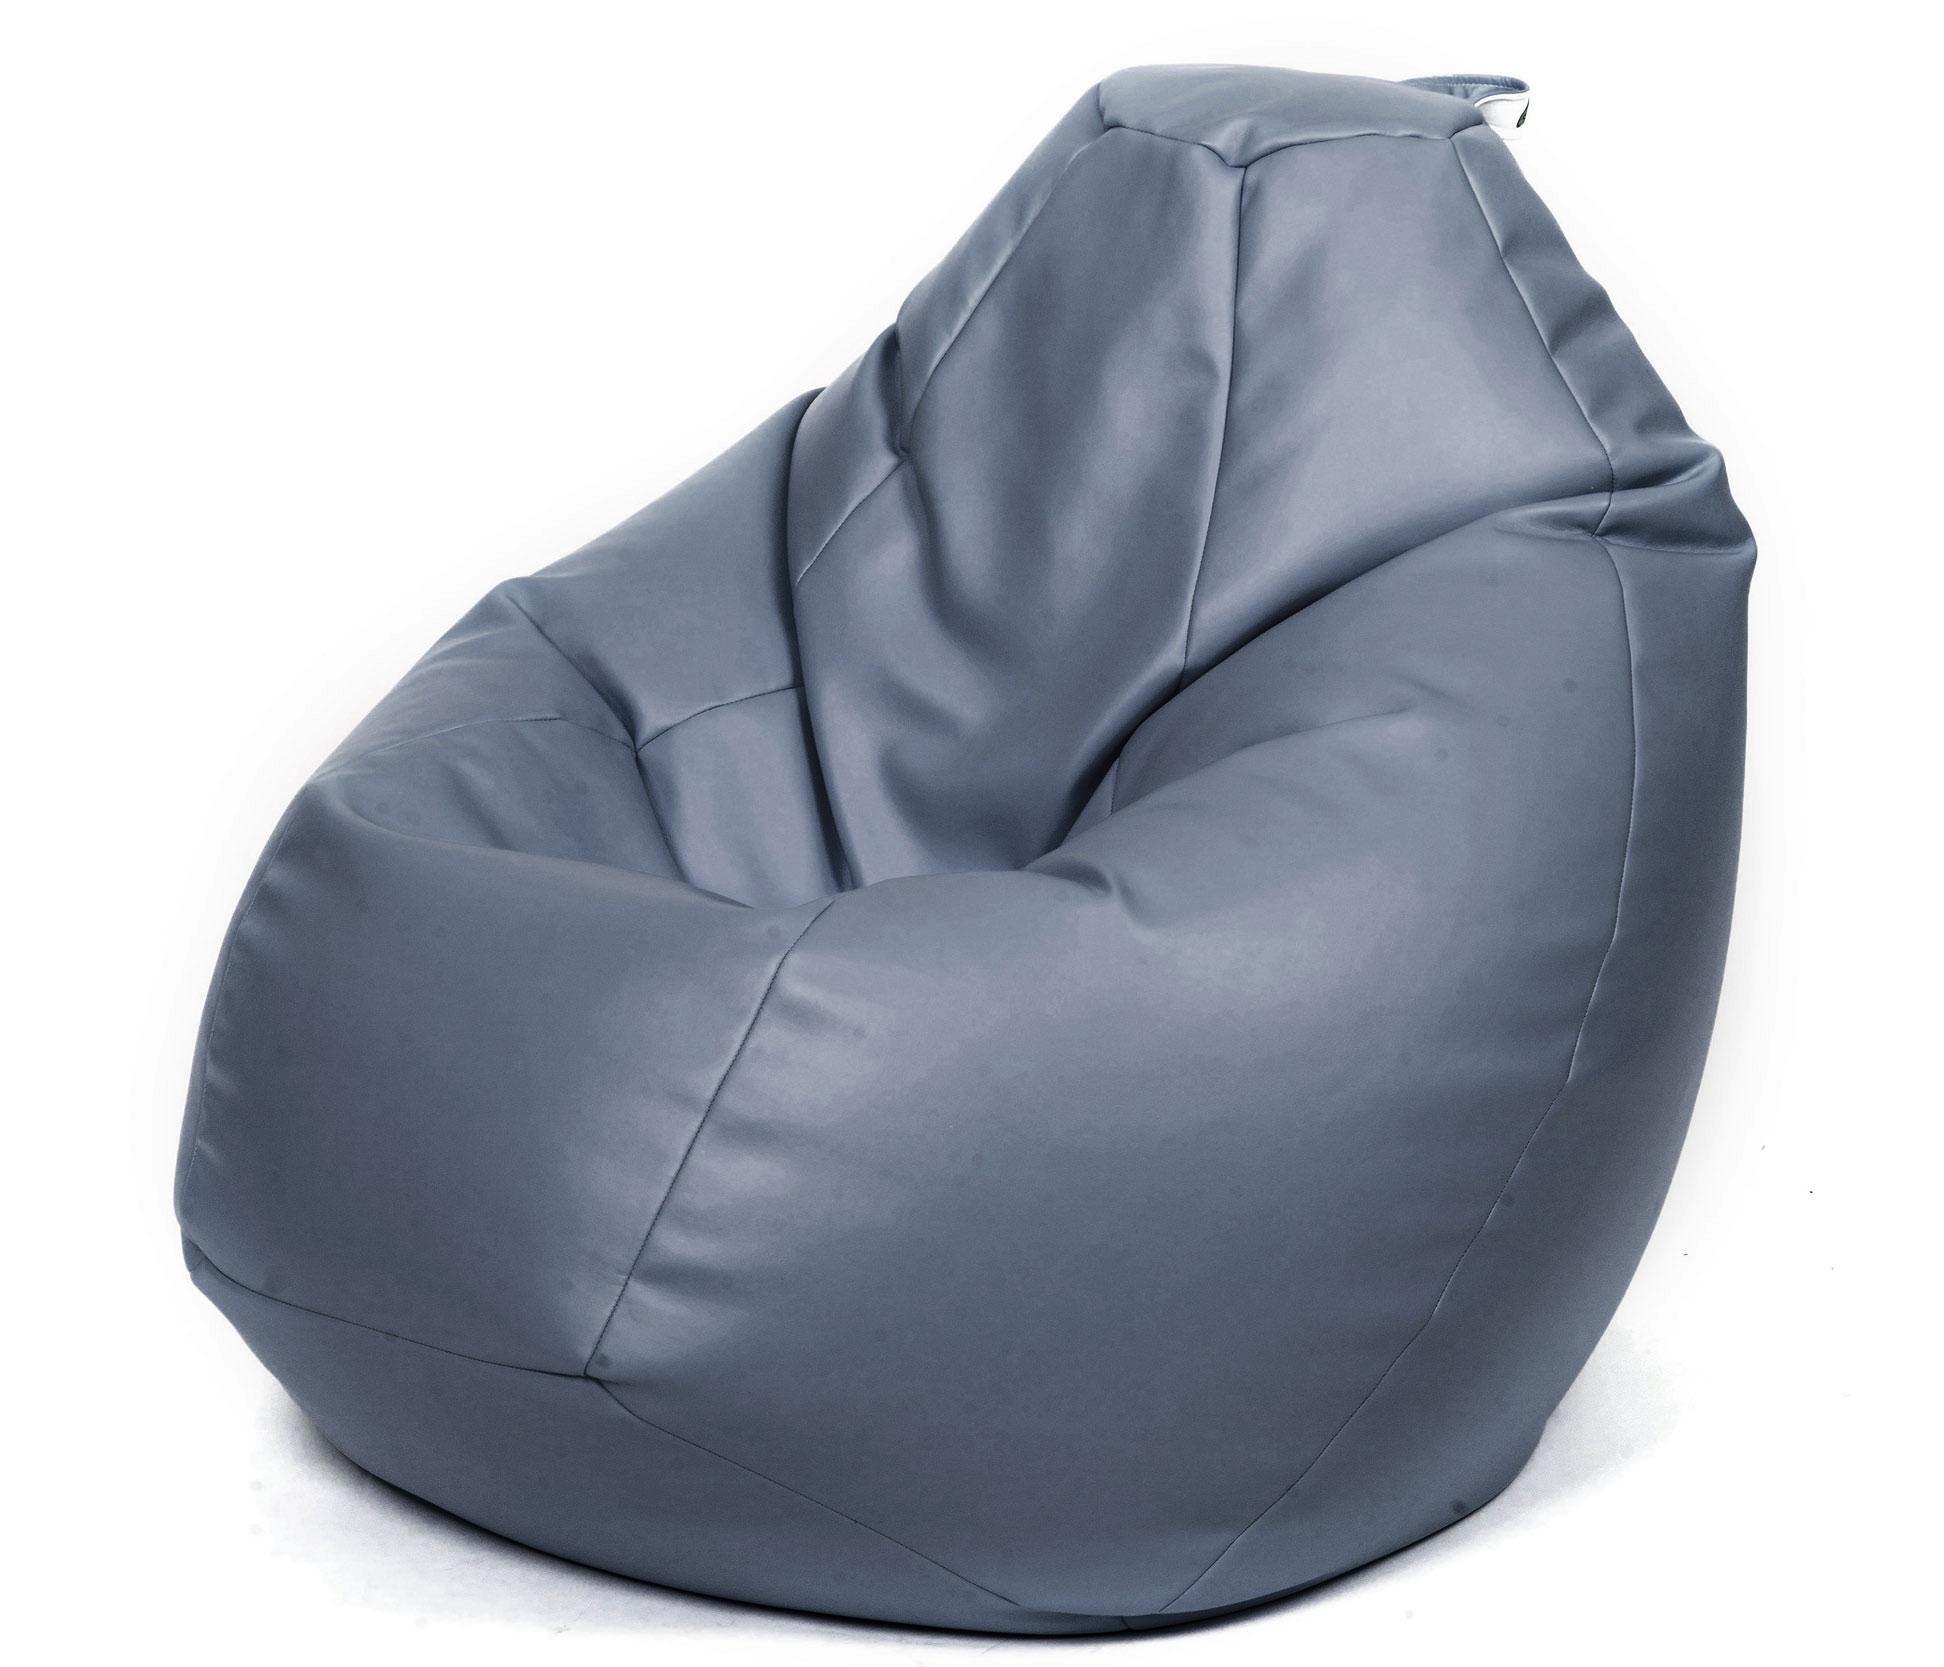 Четырее главных плюса кресла-мешка